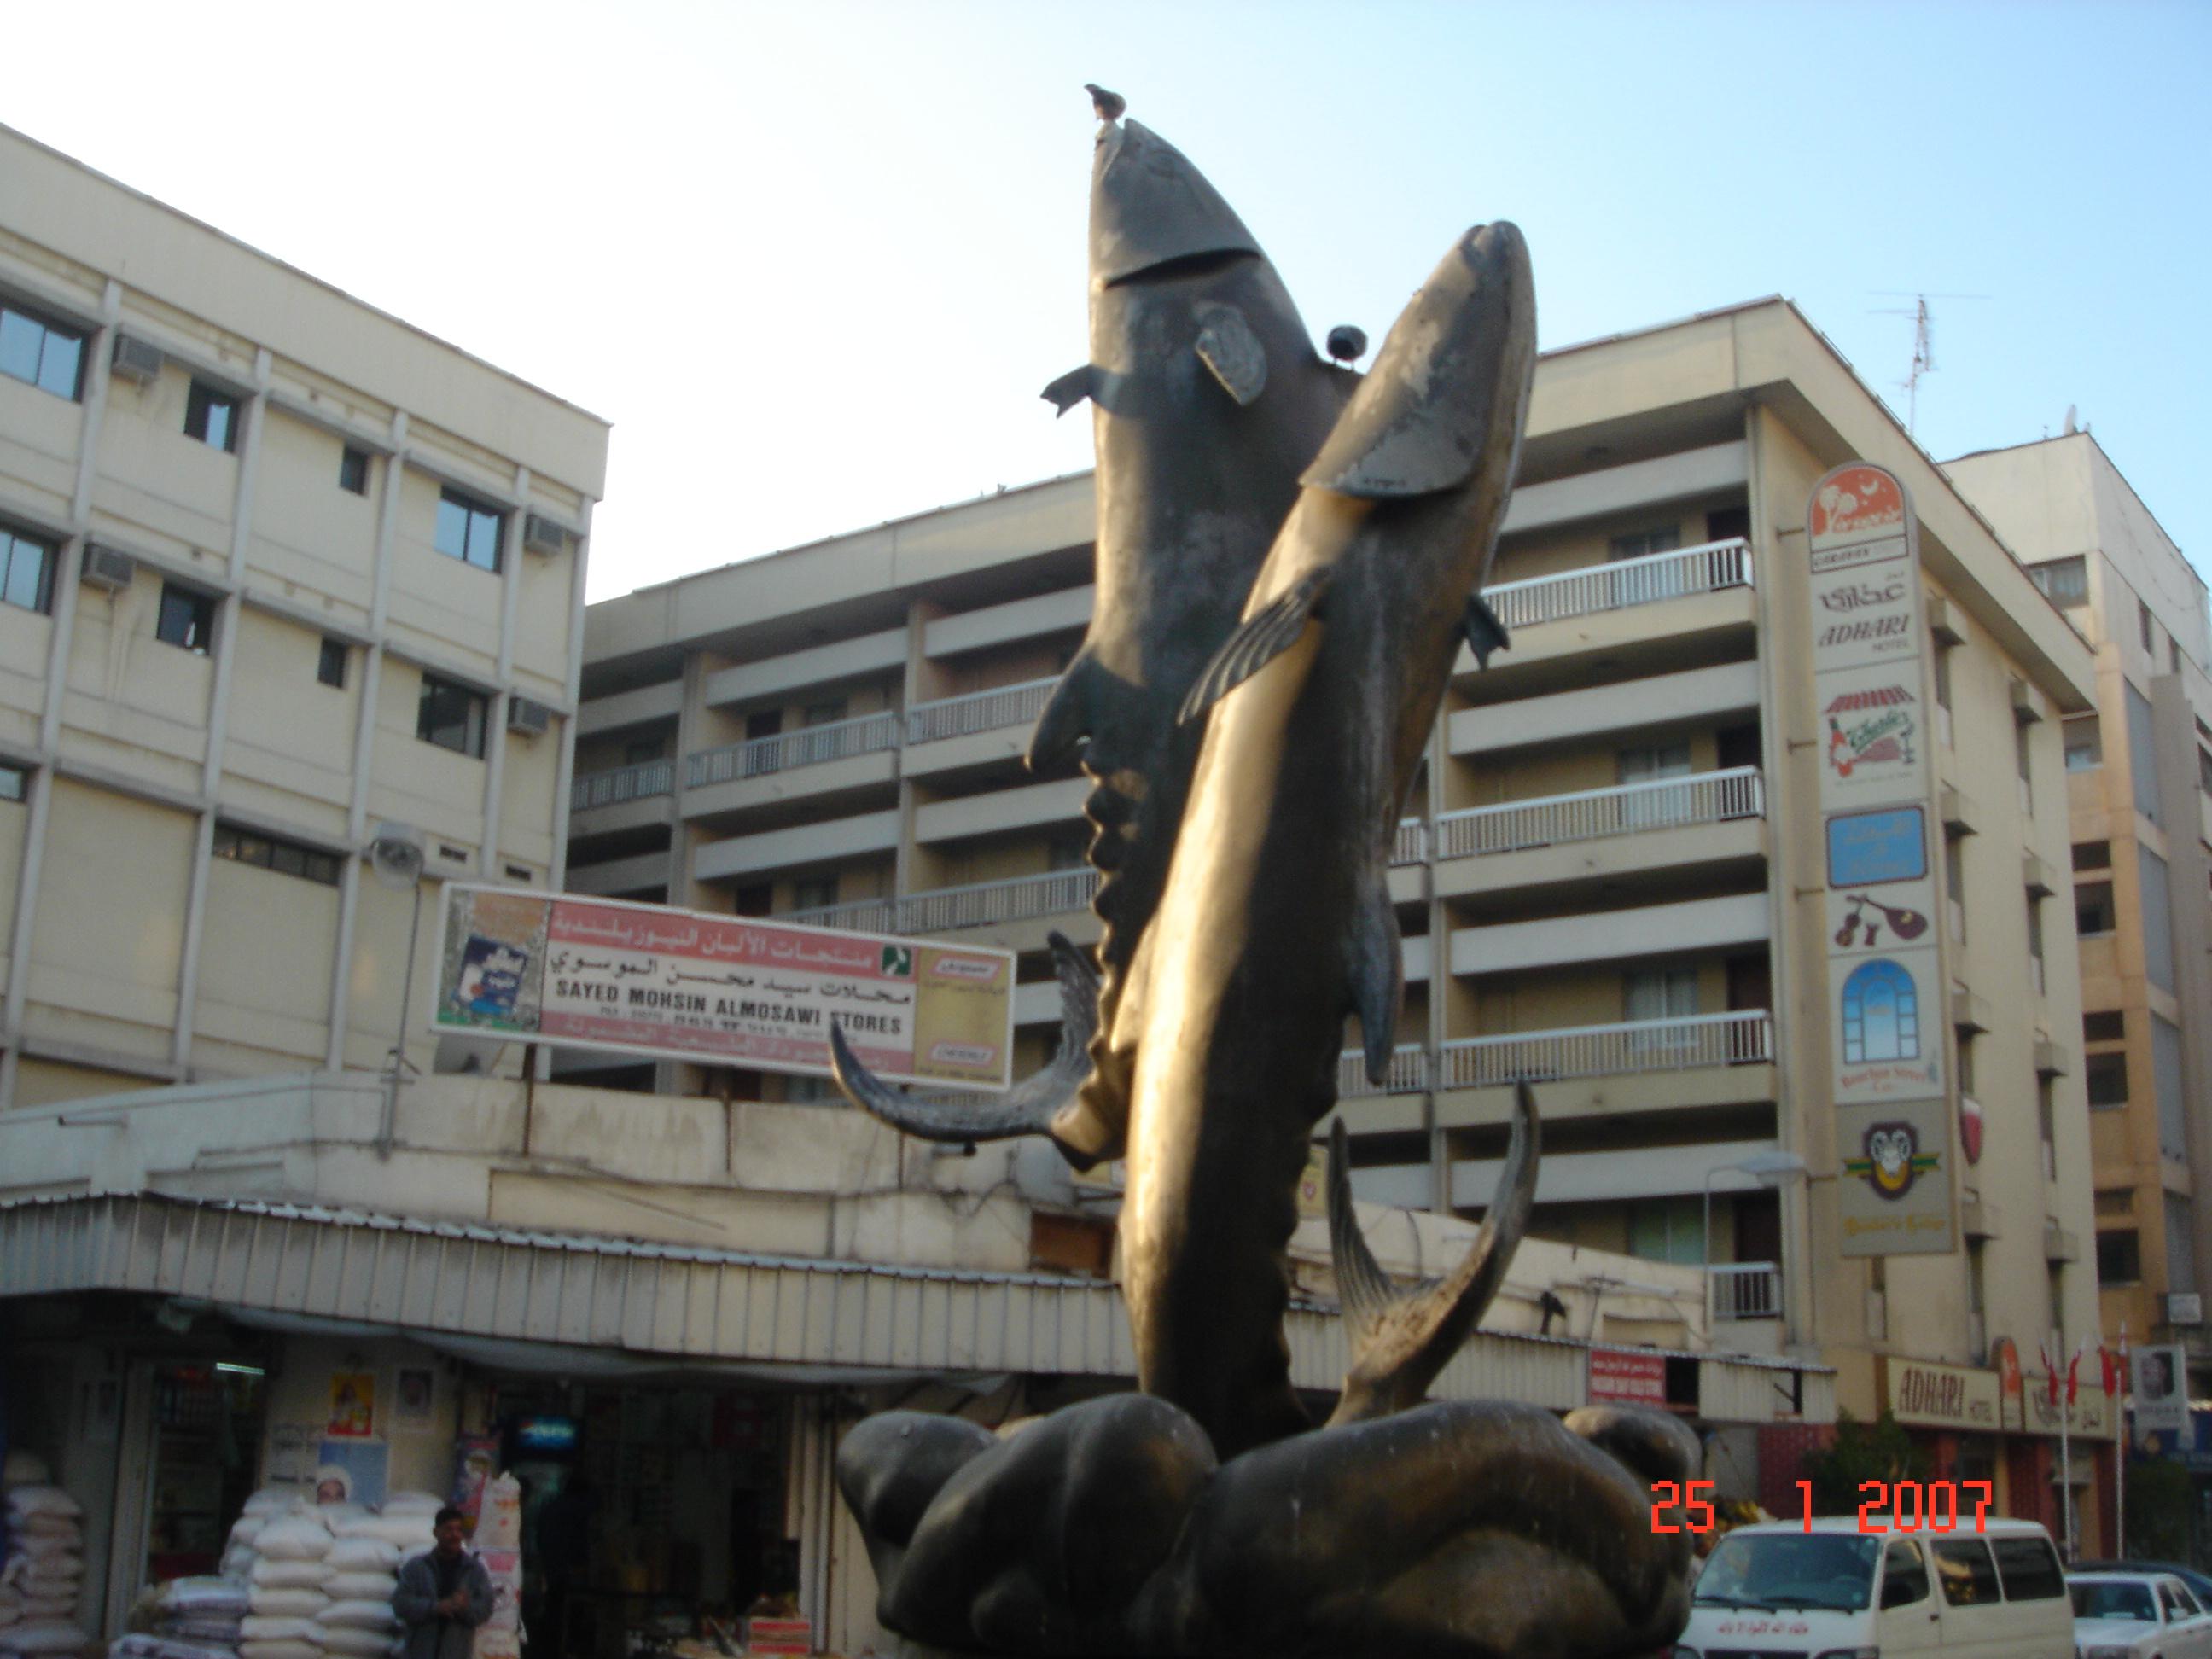 ย่านการค้า เมืองมานาม่า ประเทศบาหืเรน